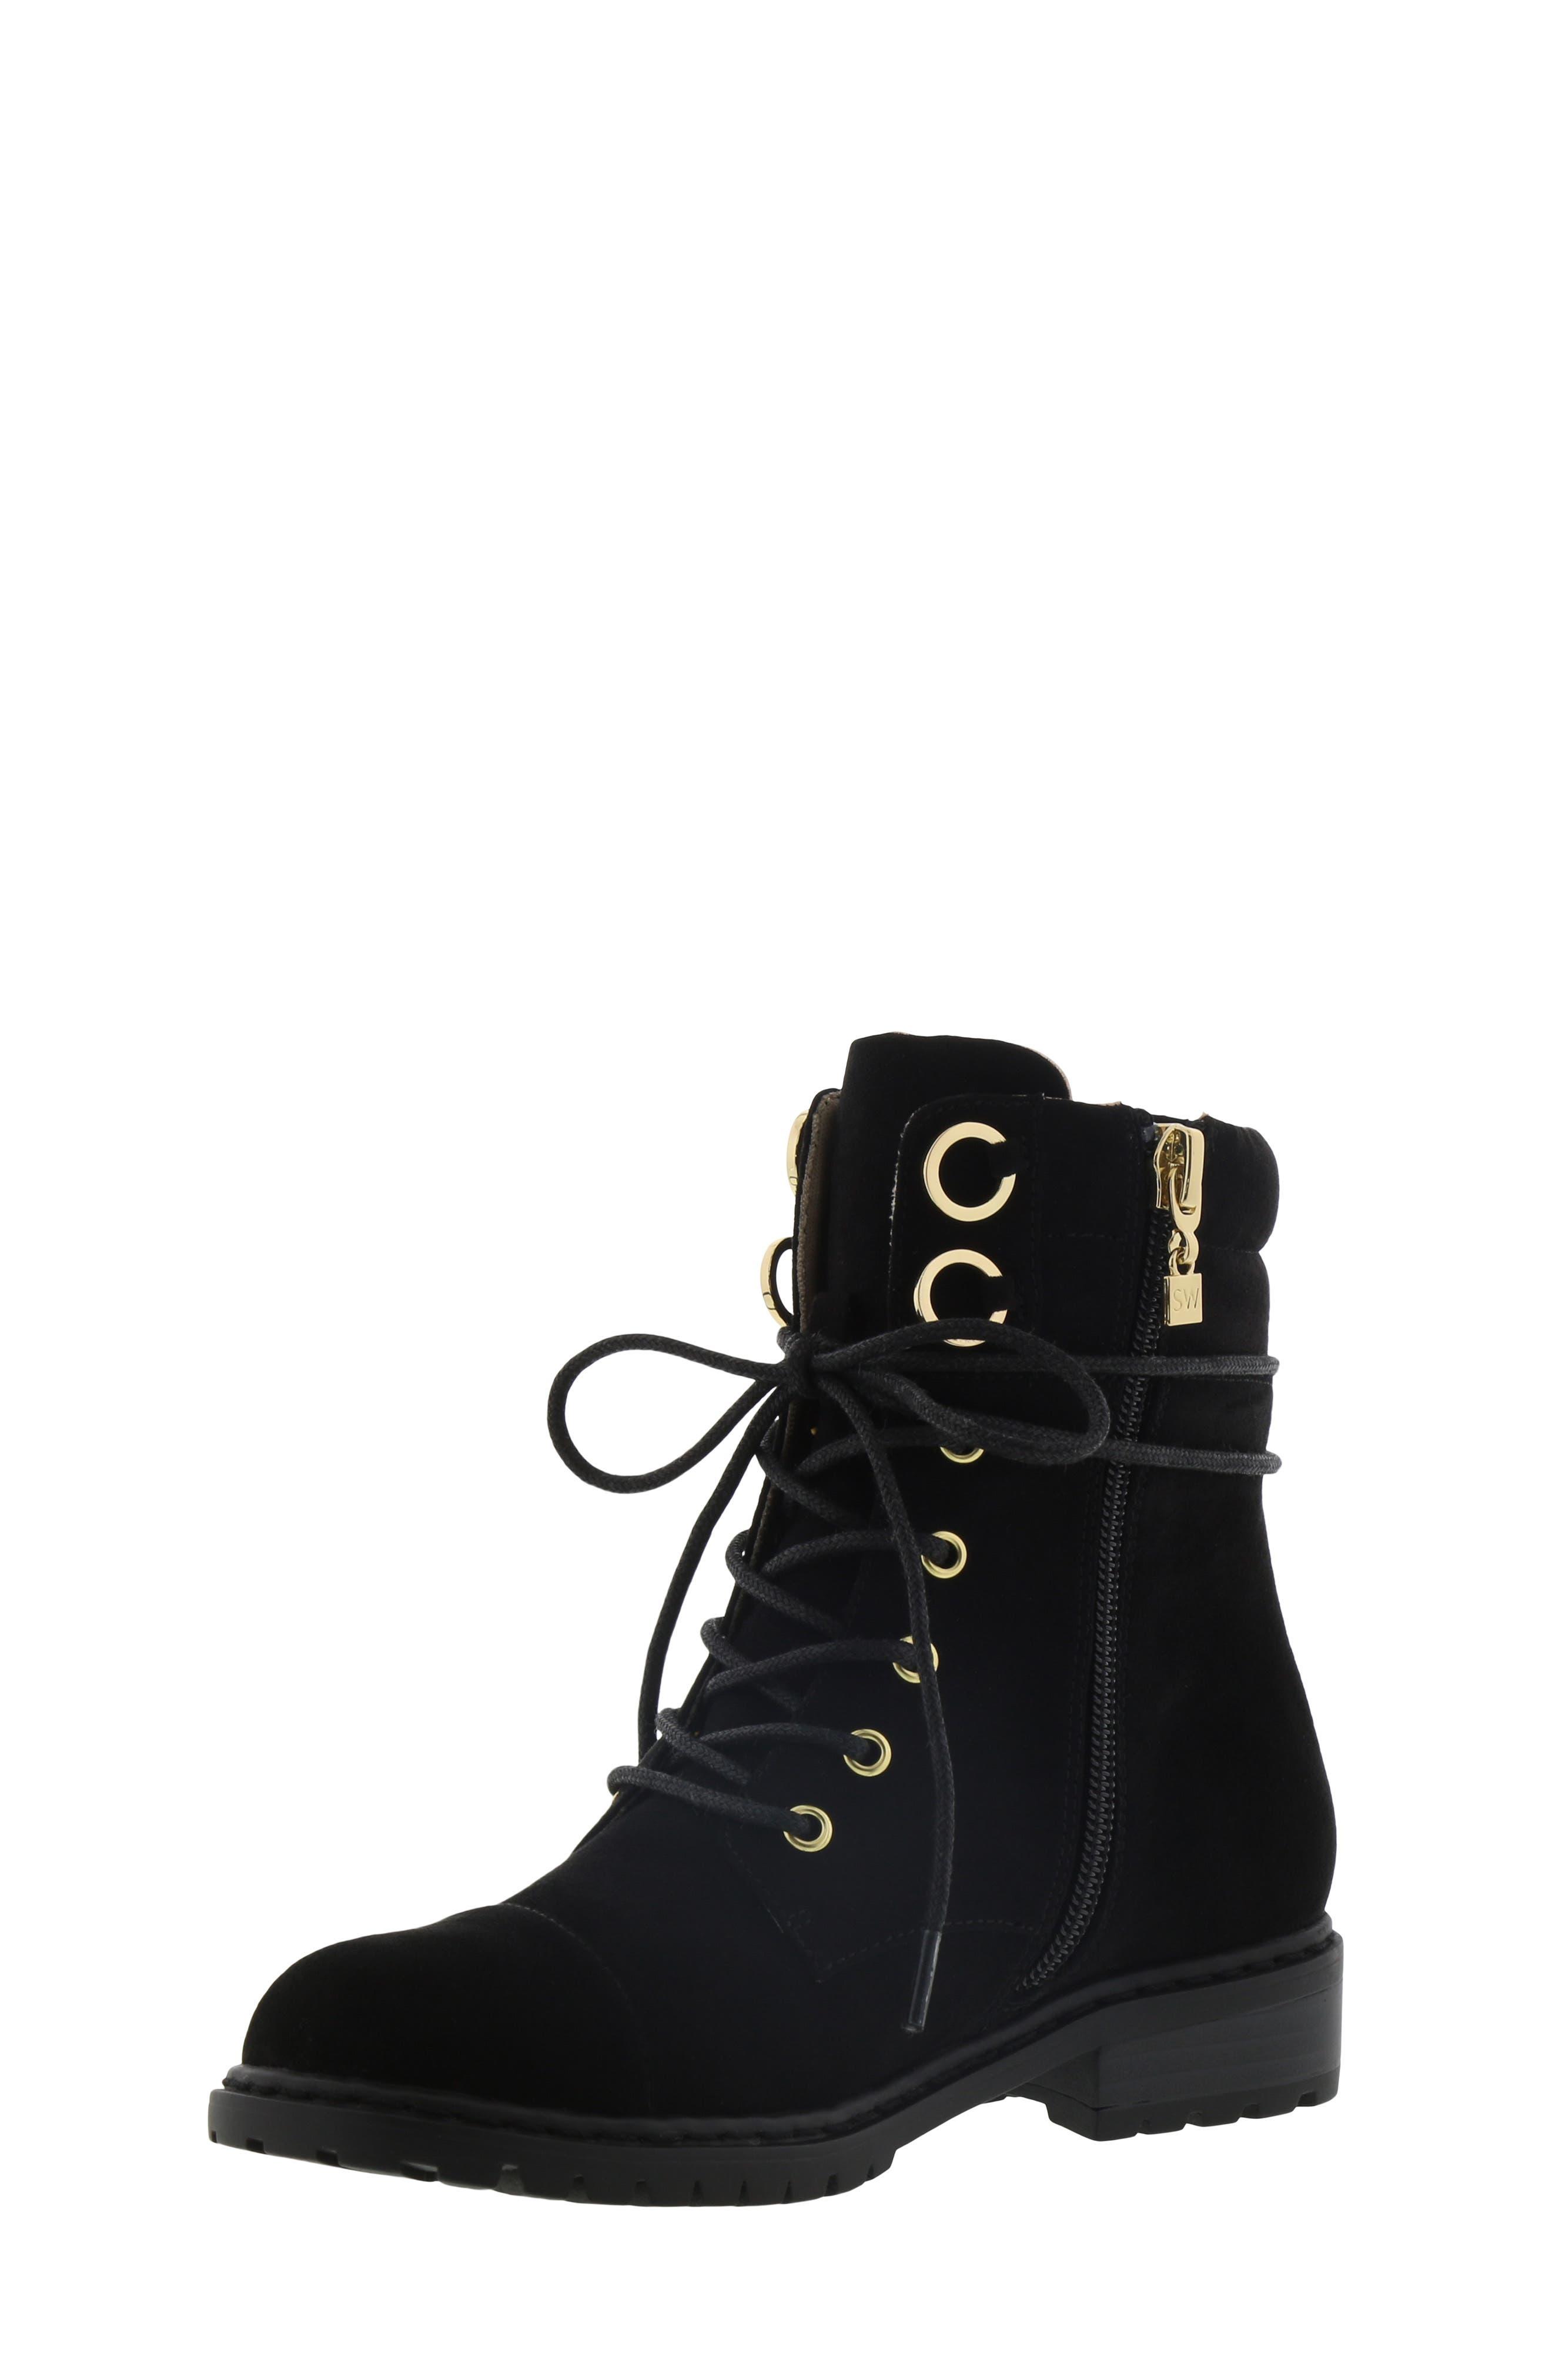 Girls\u0027 Zip,Up Boots \u0026 Booties